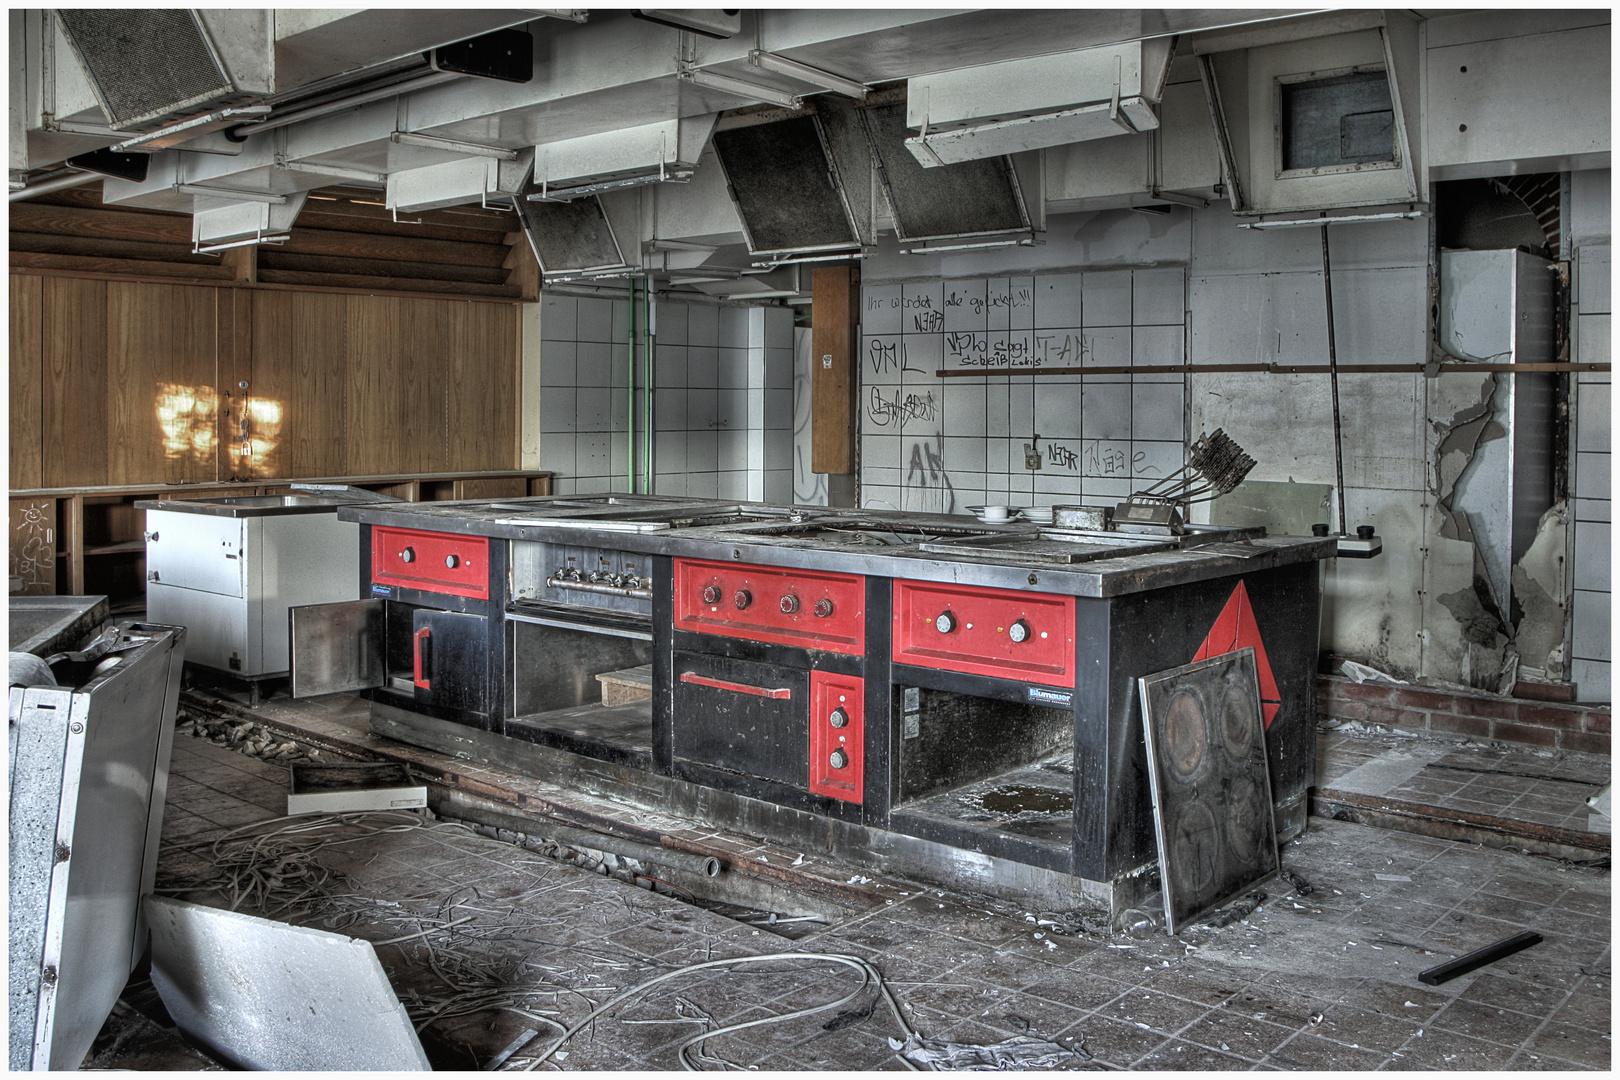 traumküche foto & bild | marodes, specials, spezial bilder auf ... - Traum Küche